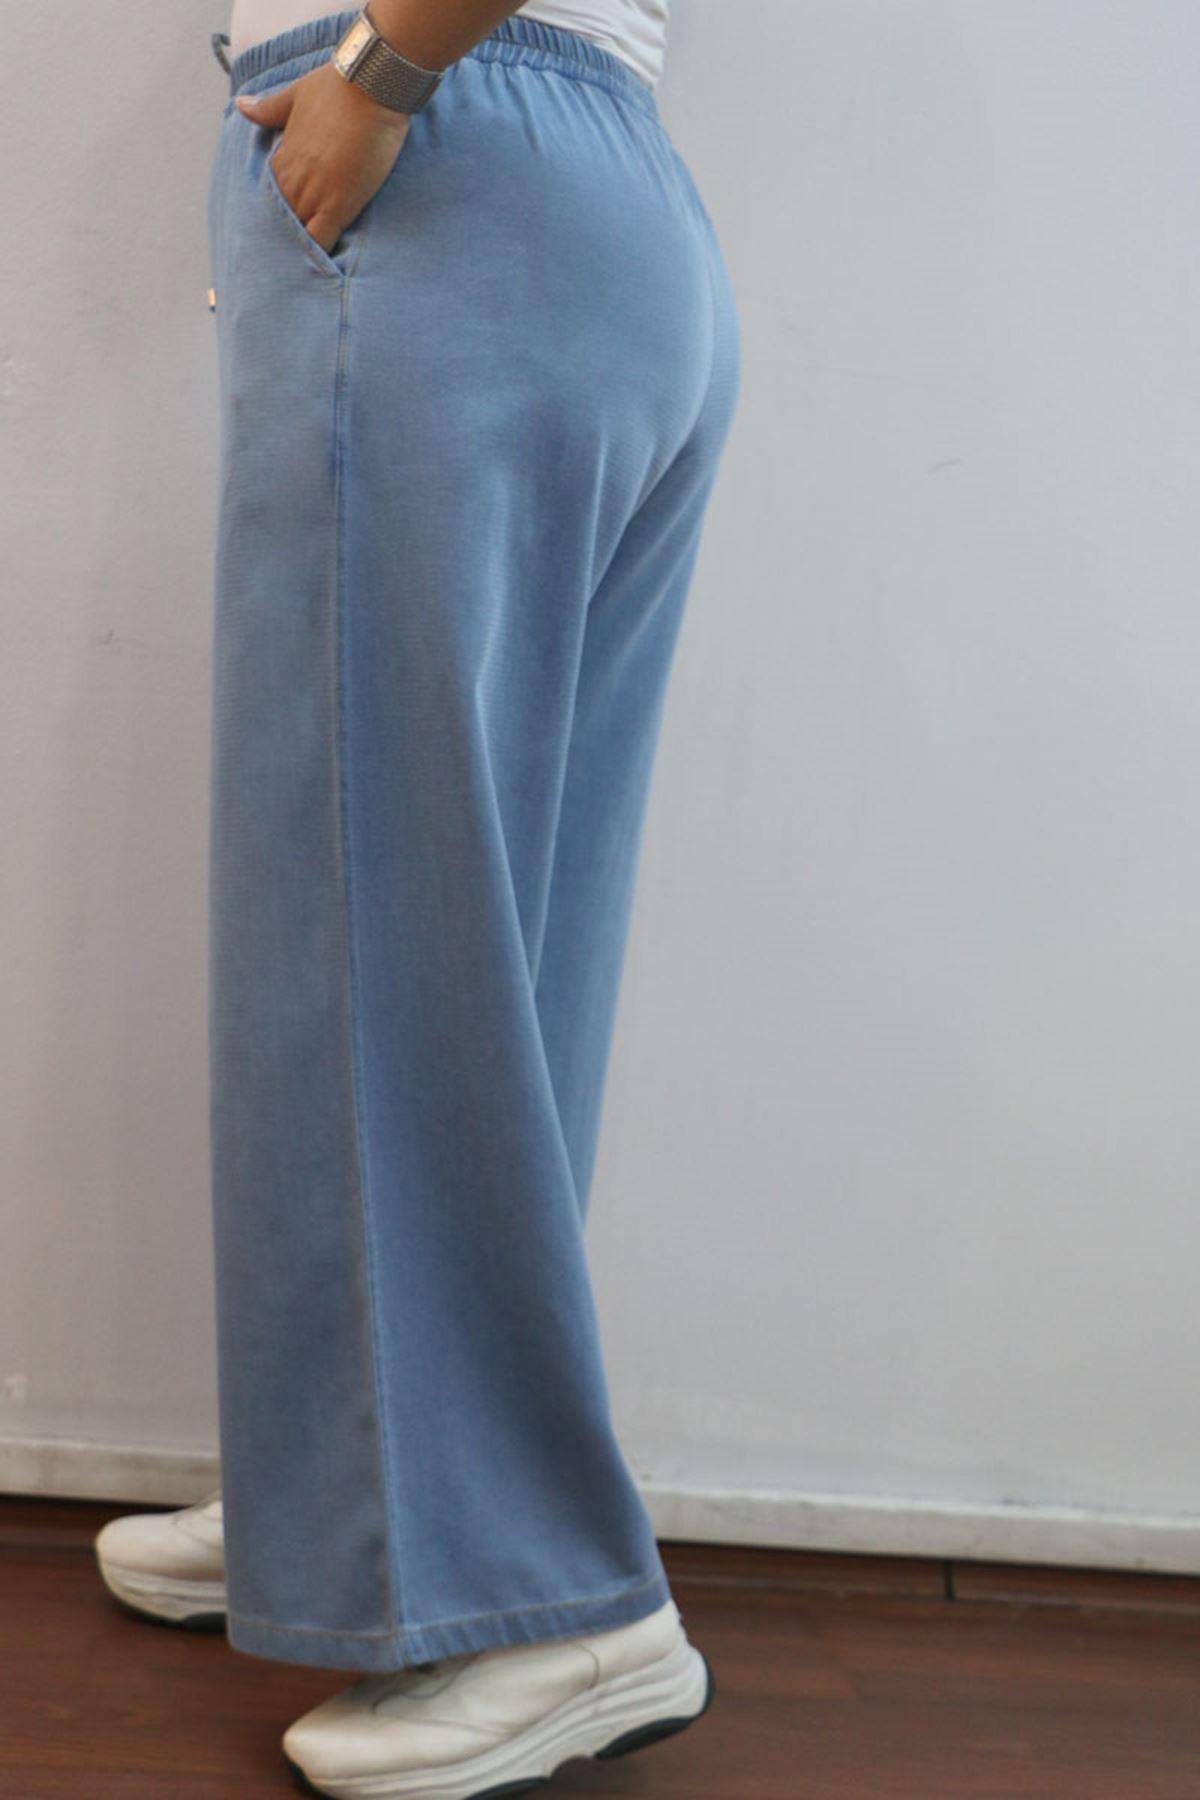 9155-1 بنطلون جينز واسع الساق مقاس كبير - أزرق فاتح